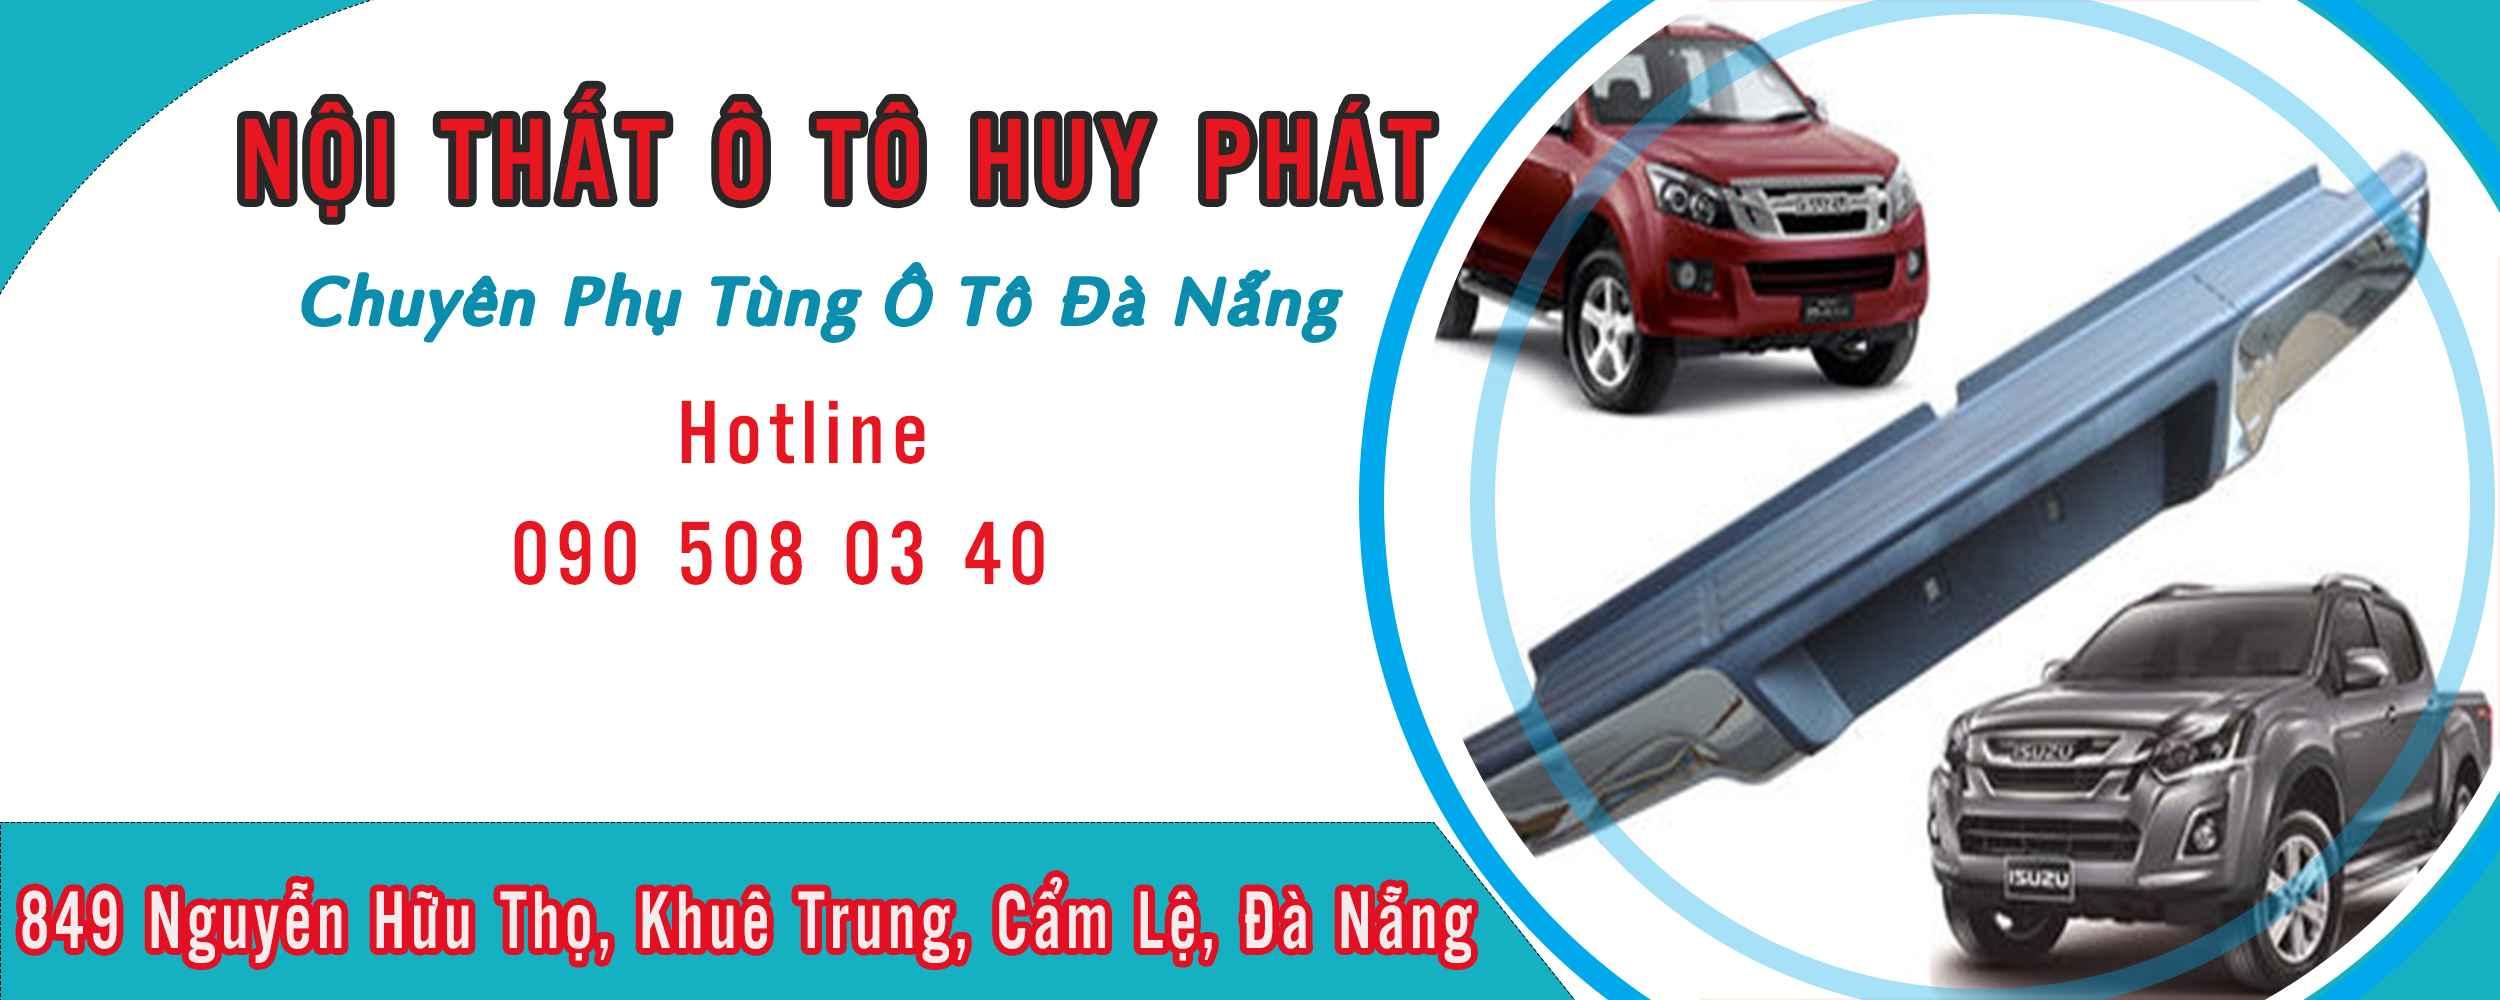 banner phụ tùng xe ô tô1